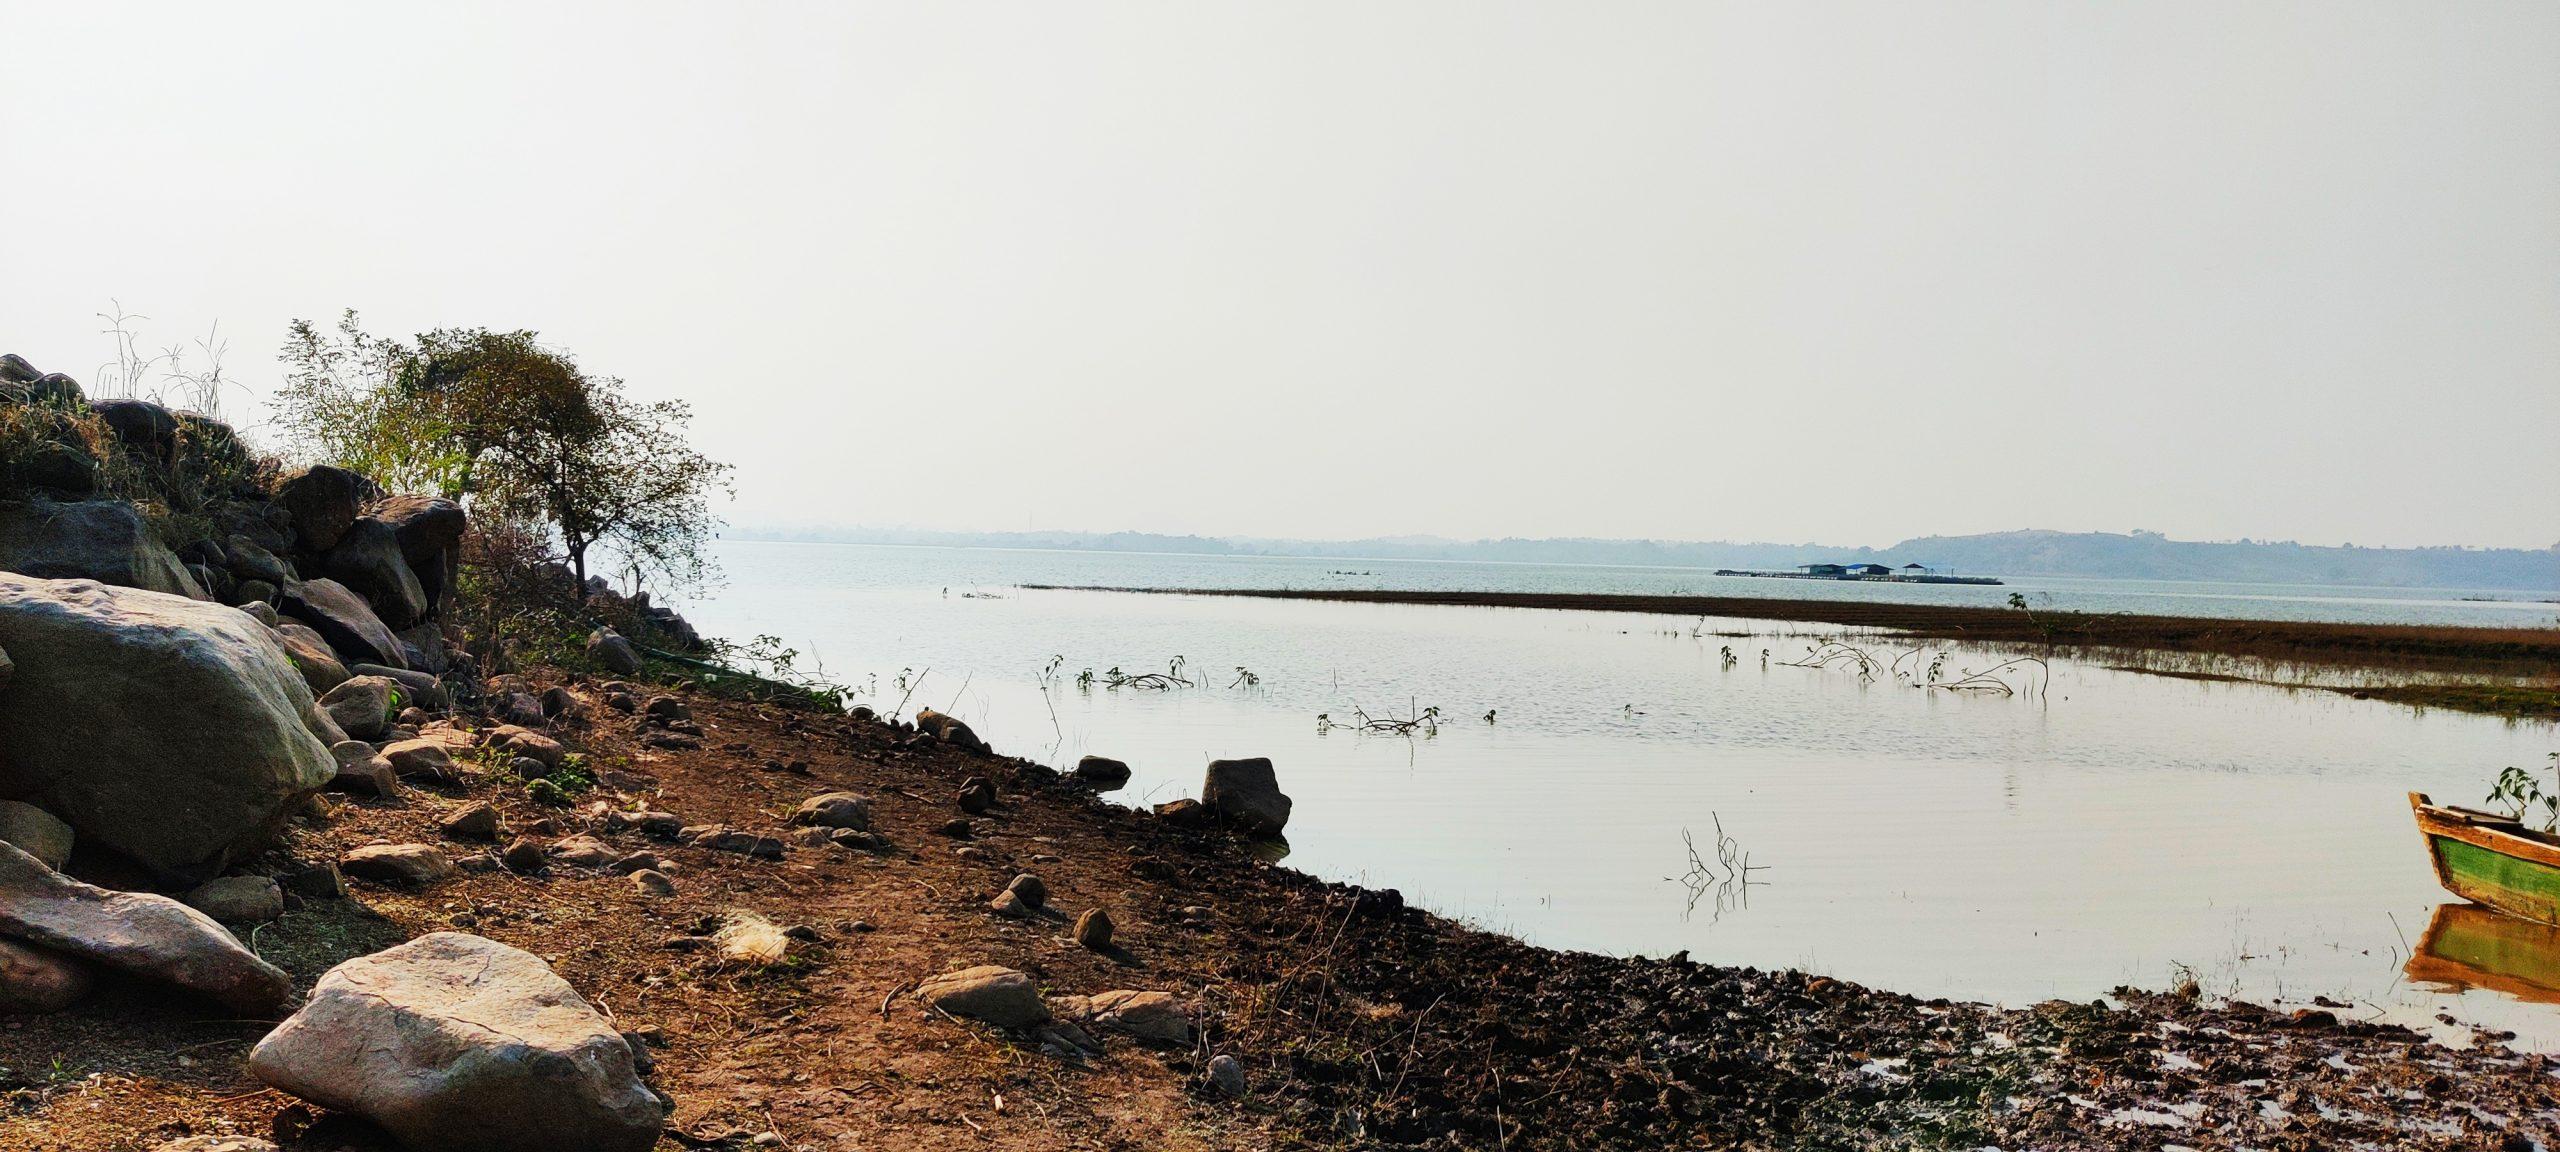 Landscape of water body